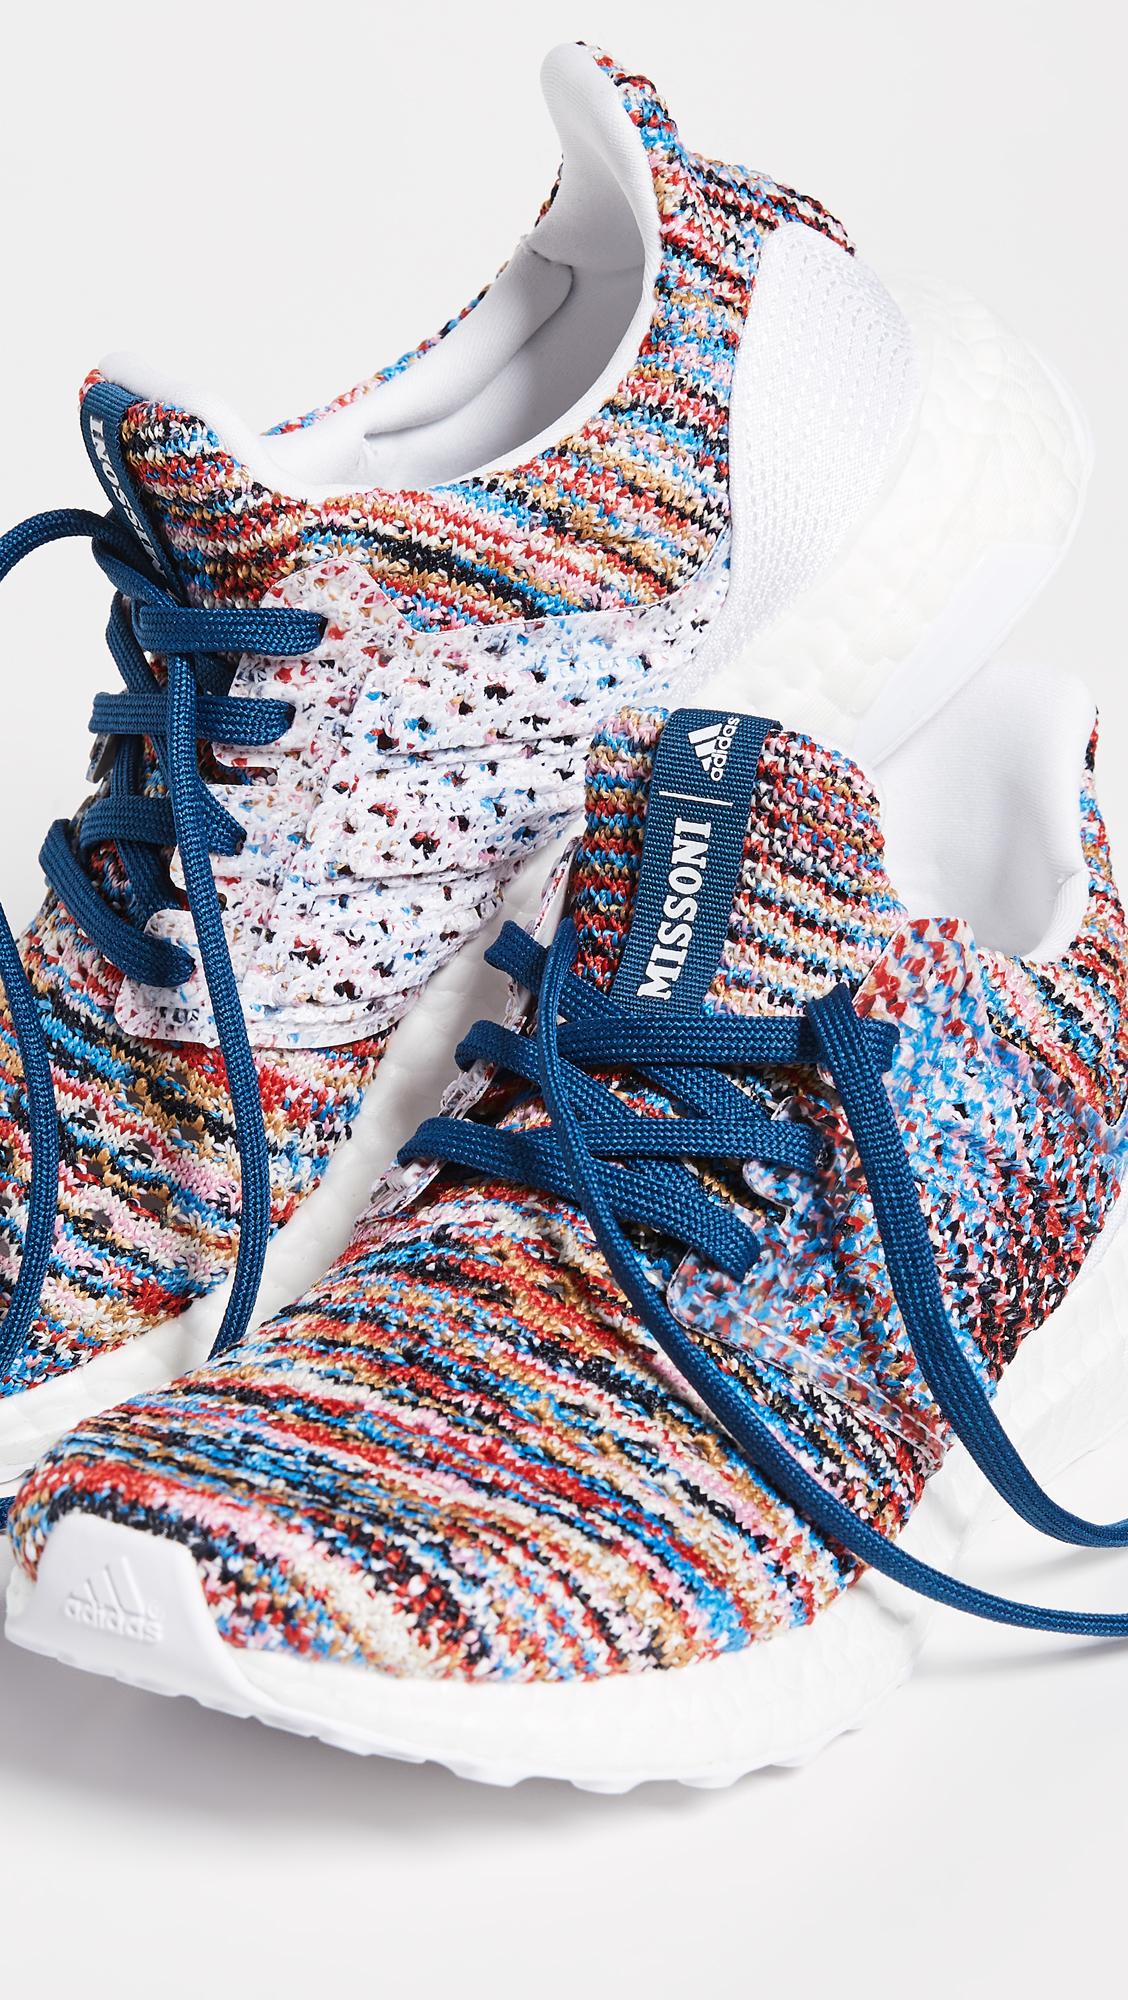 43da3f3848ba4 adidas Ultraboost CLIMA x MISSONI Sneakers